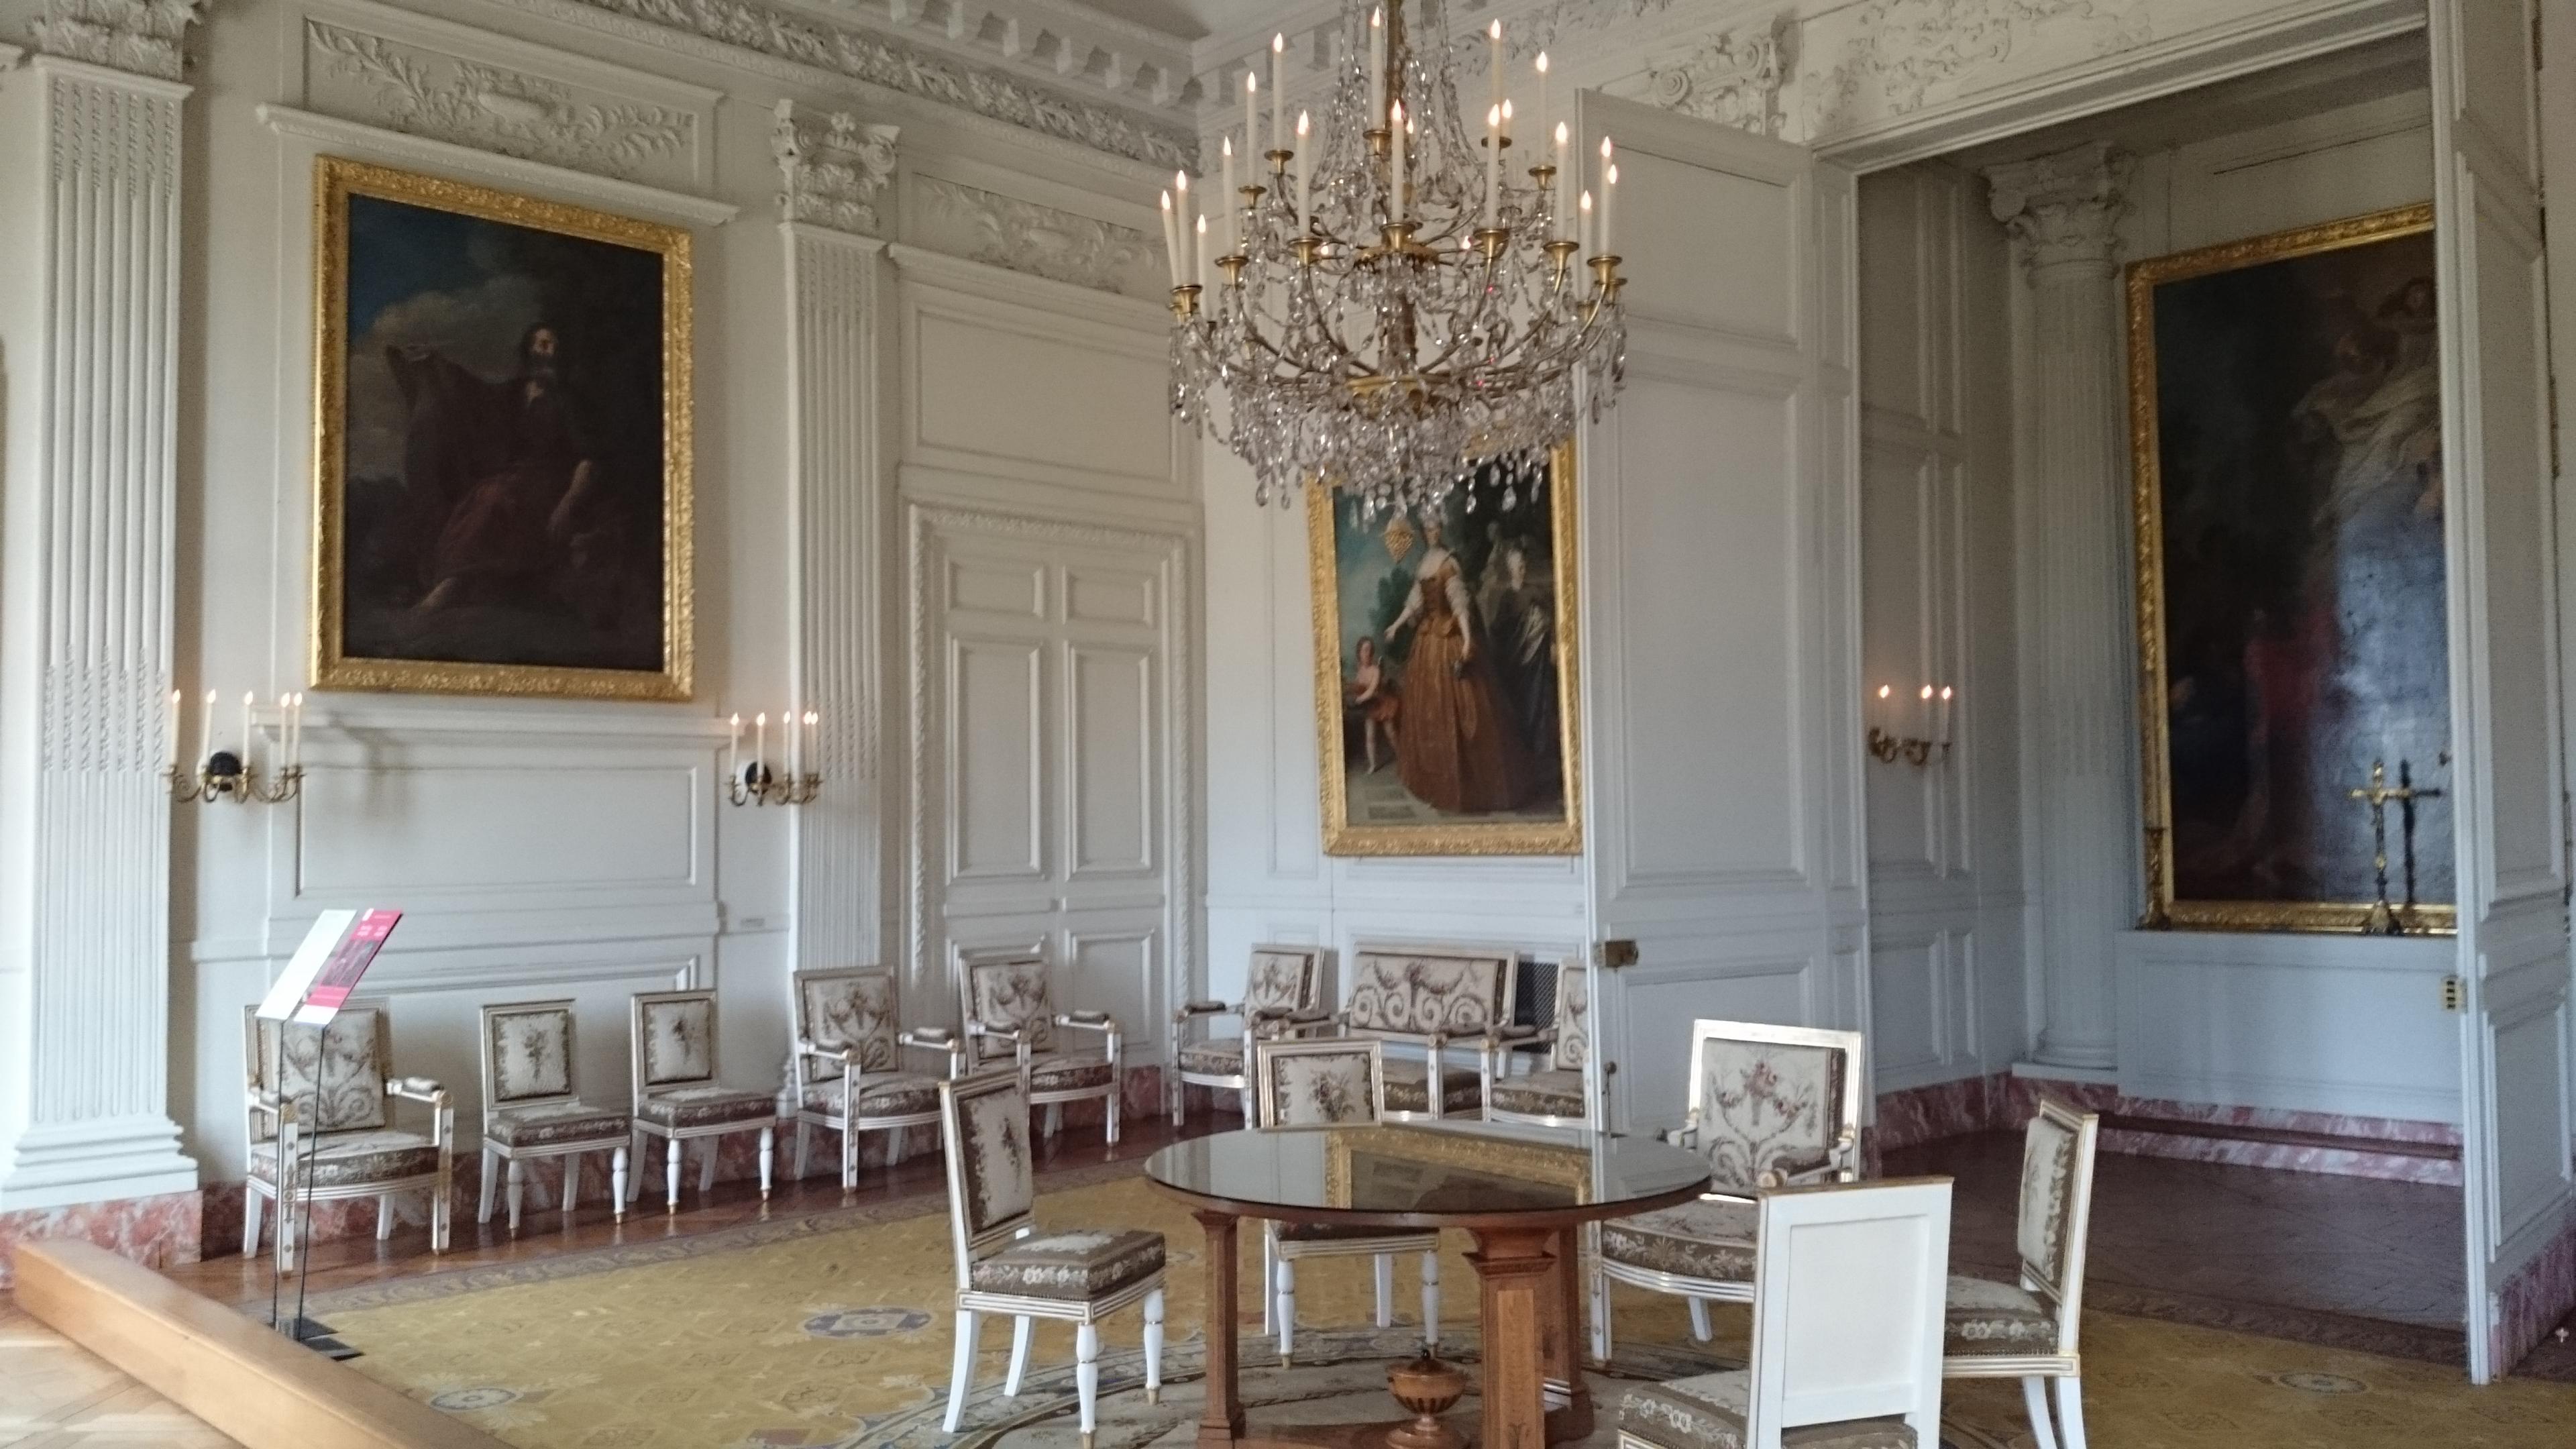 dsc 1205 - Visita al Palacio de Versalles: Como ir, cuanto cuesta y tips II/III